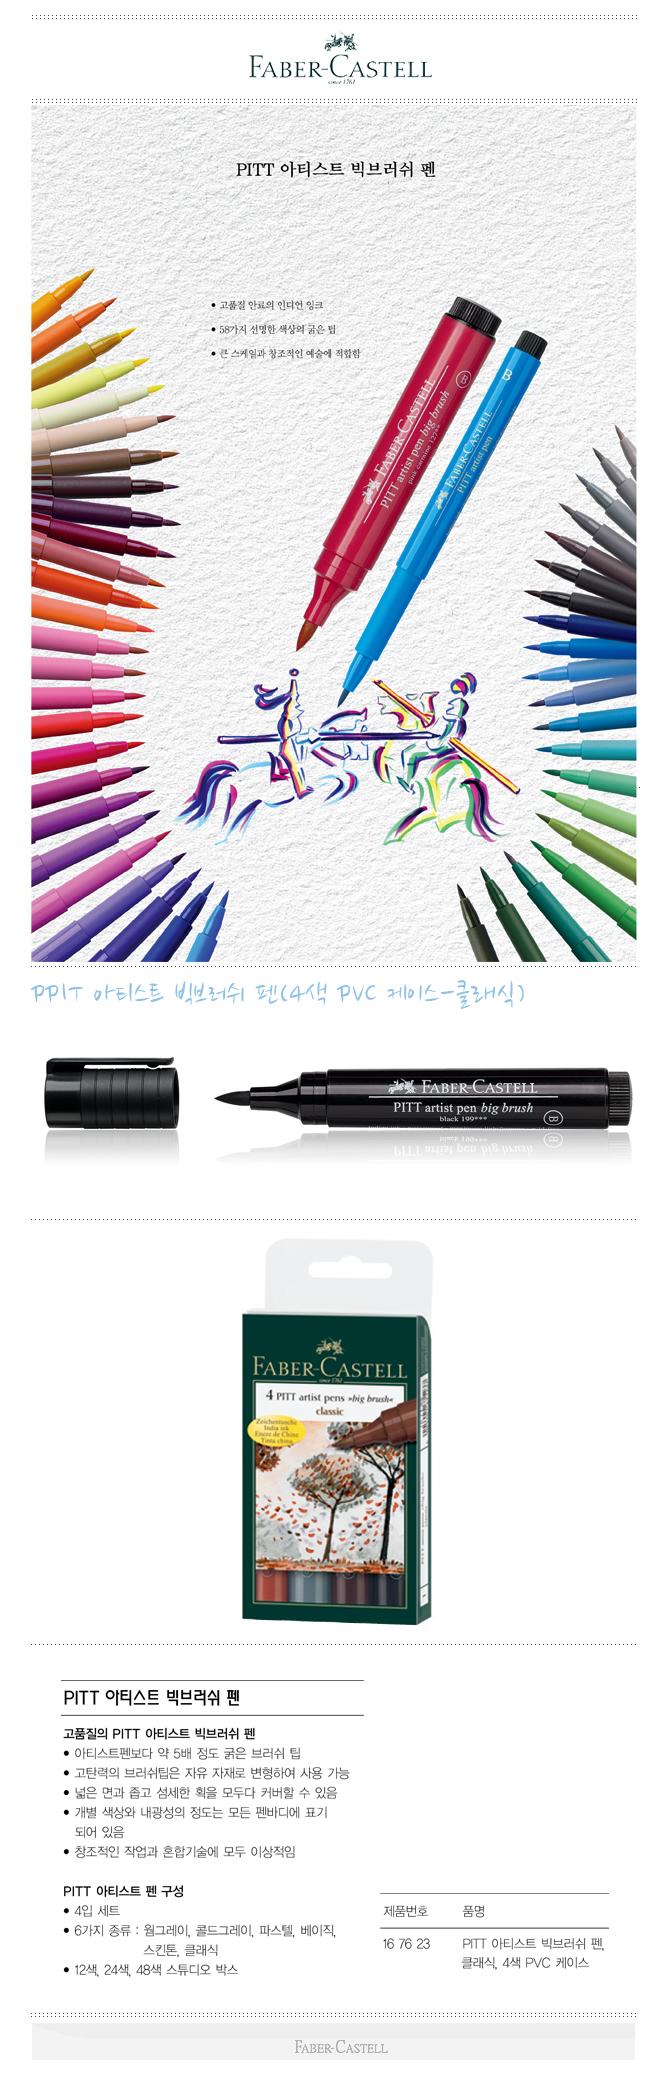 파버카스텔 PITT 아티스트 빅브러쉬 펜 4색 클래식 - 베스트펜, 19,200원, 데코펜, 붓펜